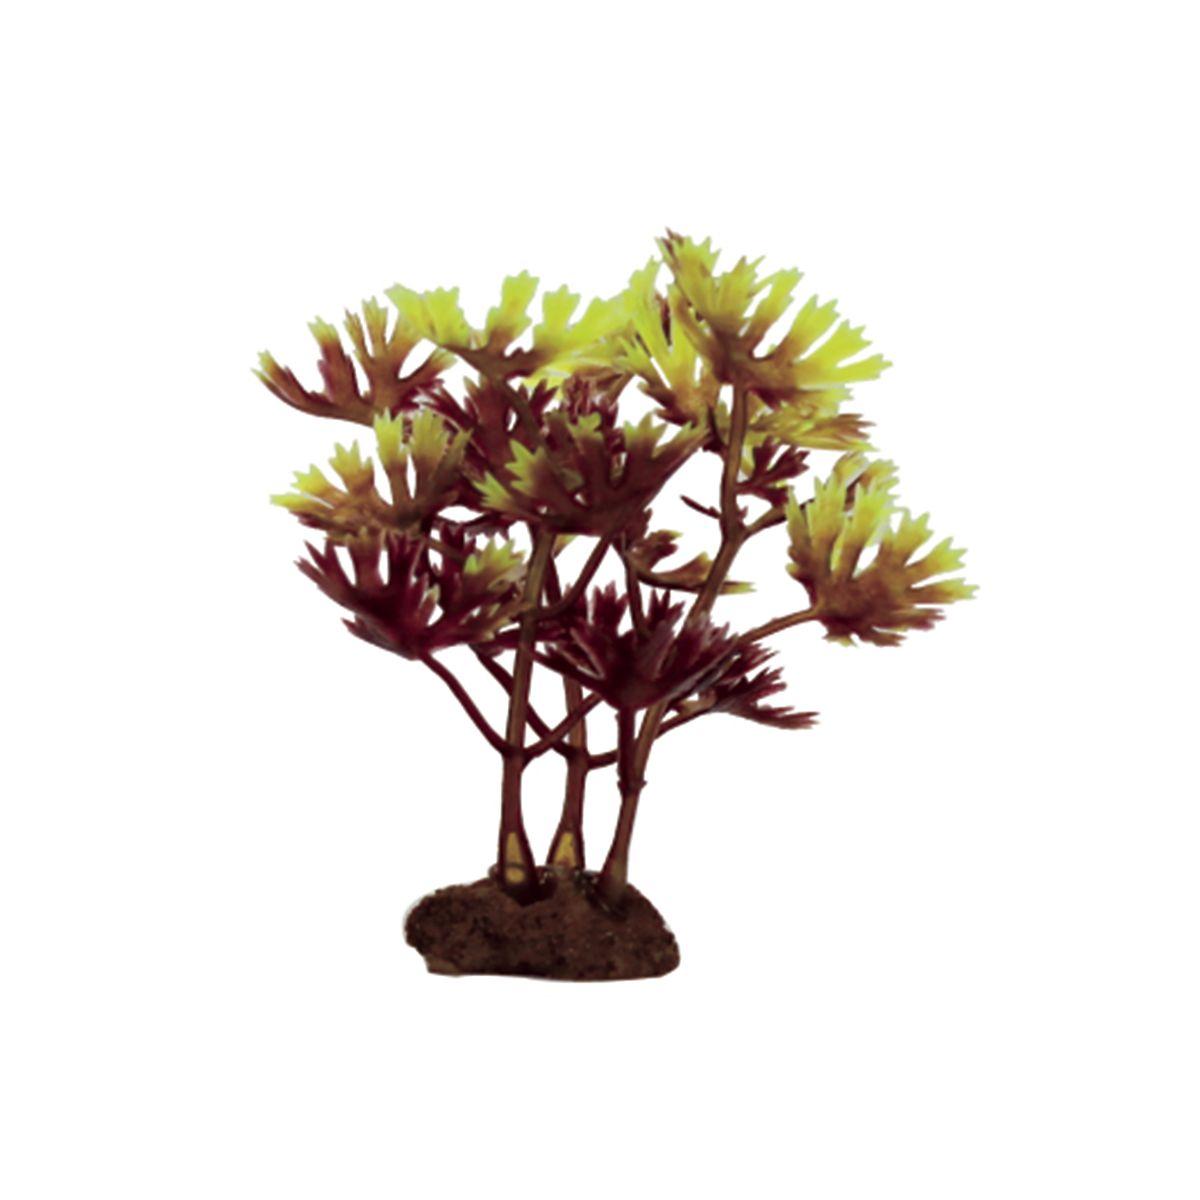 Растение для аквариума ArtUniq Лютик водный красно-зеленый, высота 10 см, 6 шт0120710Композиция из искусственных растений ArtUniq превосходно украсит и оживит аквариум.Растения - это важная часть любой композиции, они помогут вдохнуть жизнь в ландшафт любого аквариума или террариума. А их сходствос природными порадует даже самых взыскательных ценителей.